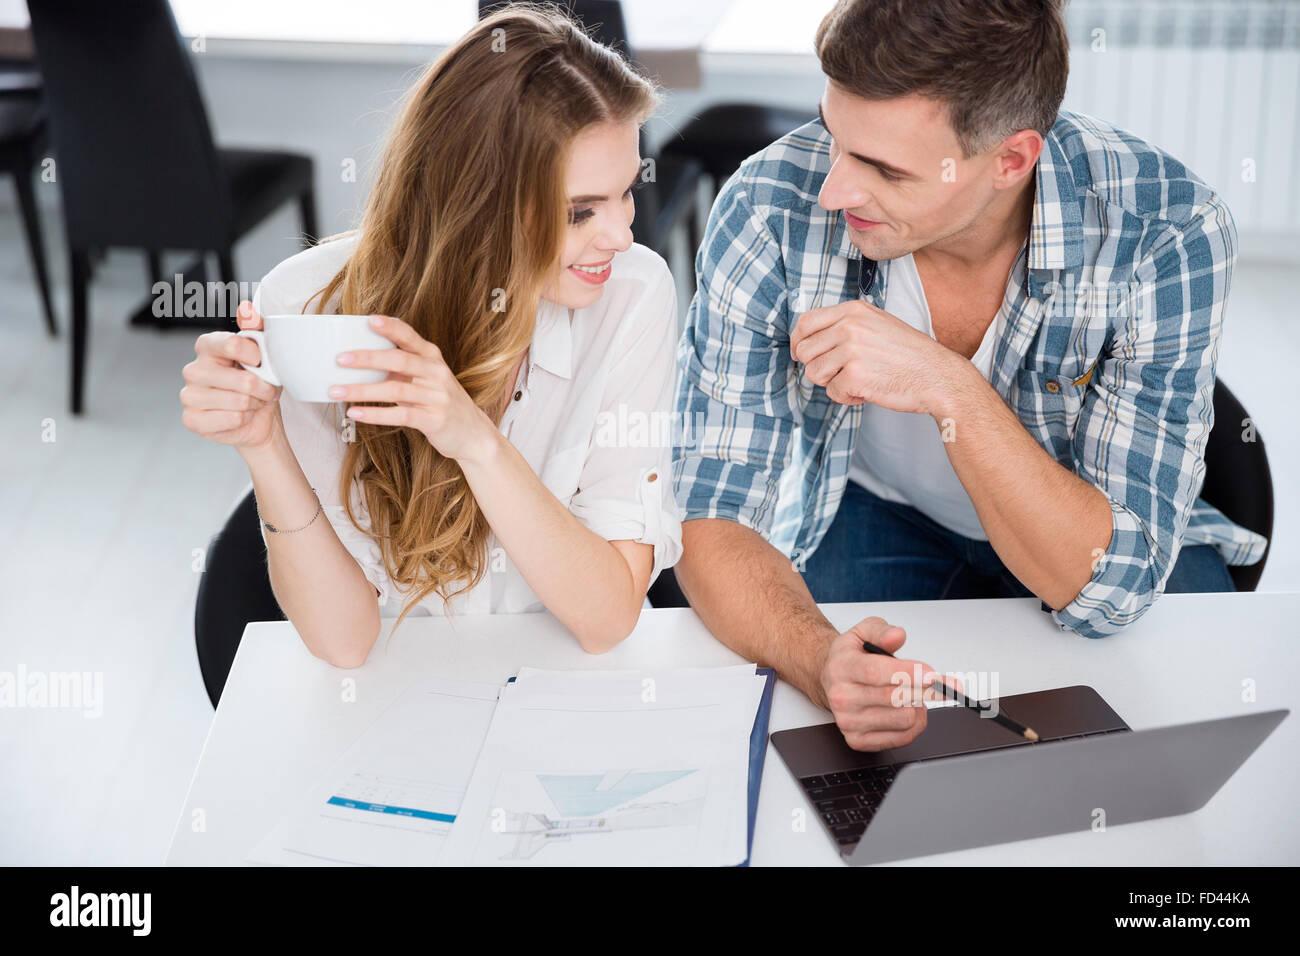 Glückliche Kollegen im Büro sitzen und gemeinsam mit laptop Stockbild